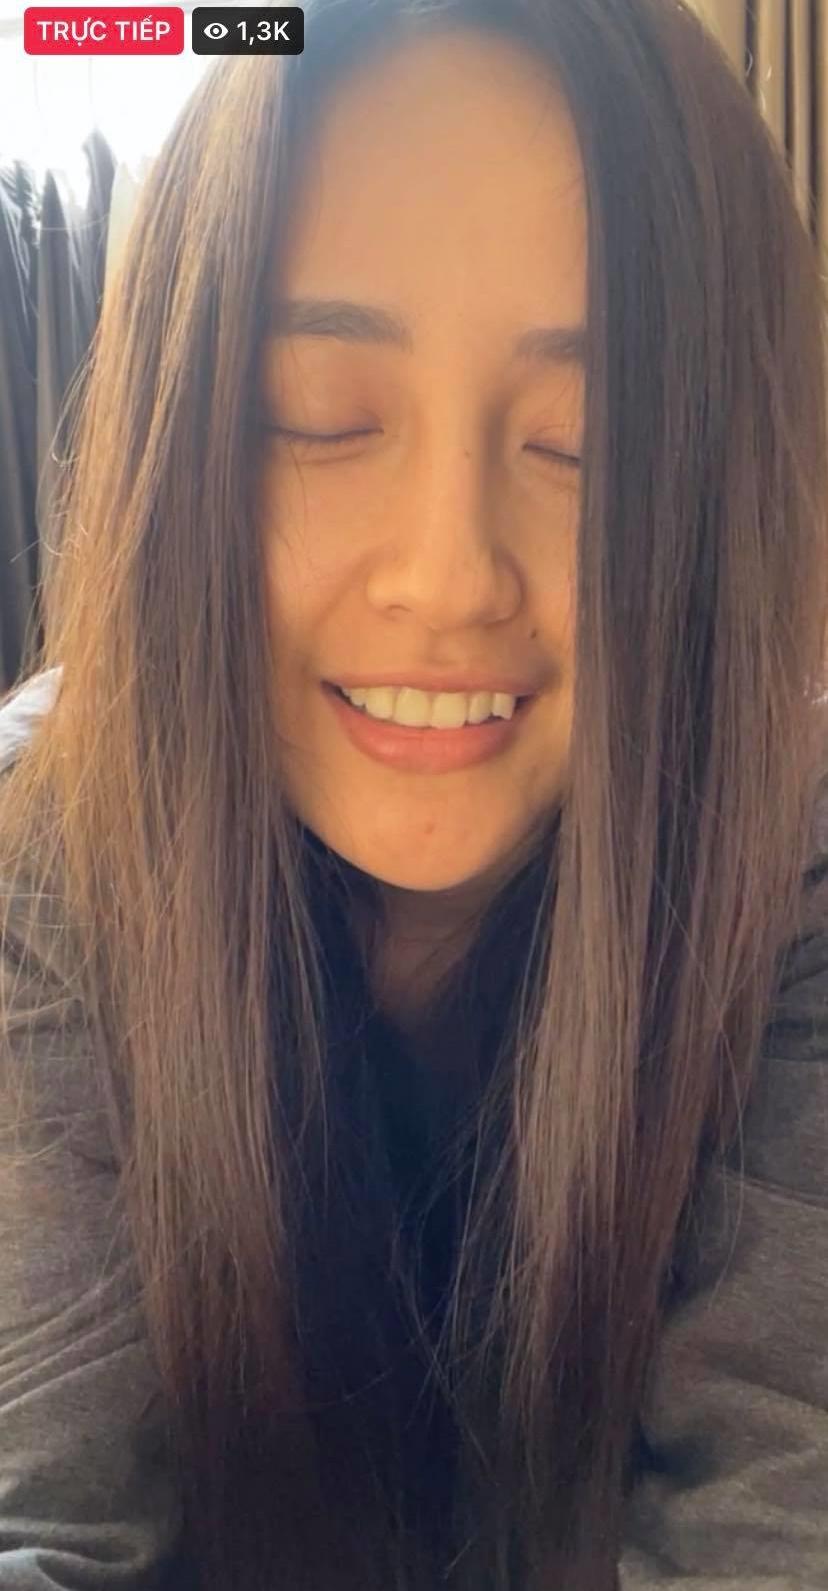 Hoa hậu Mai Phương Thúy livestream khi để mặt mộc kém sắc, quầng thâm mắt lộ rõ